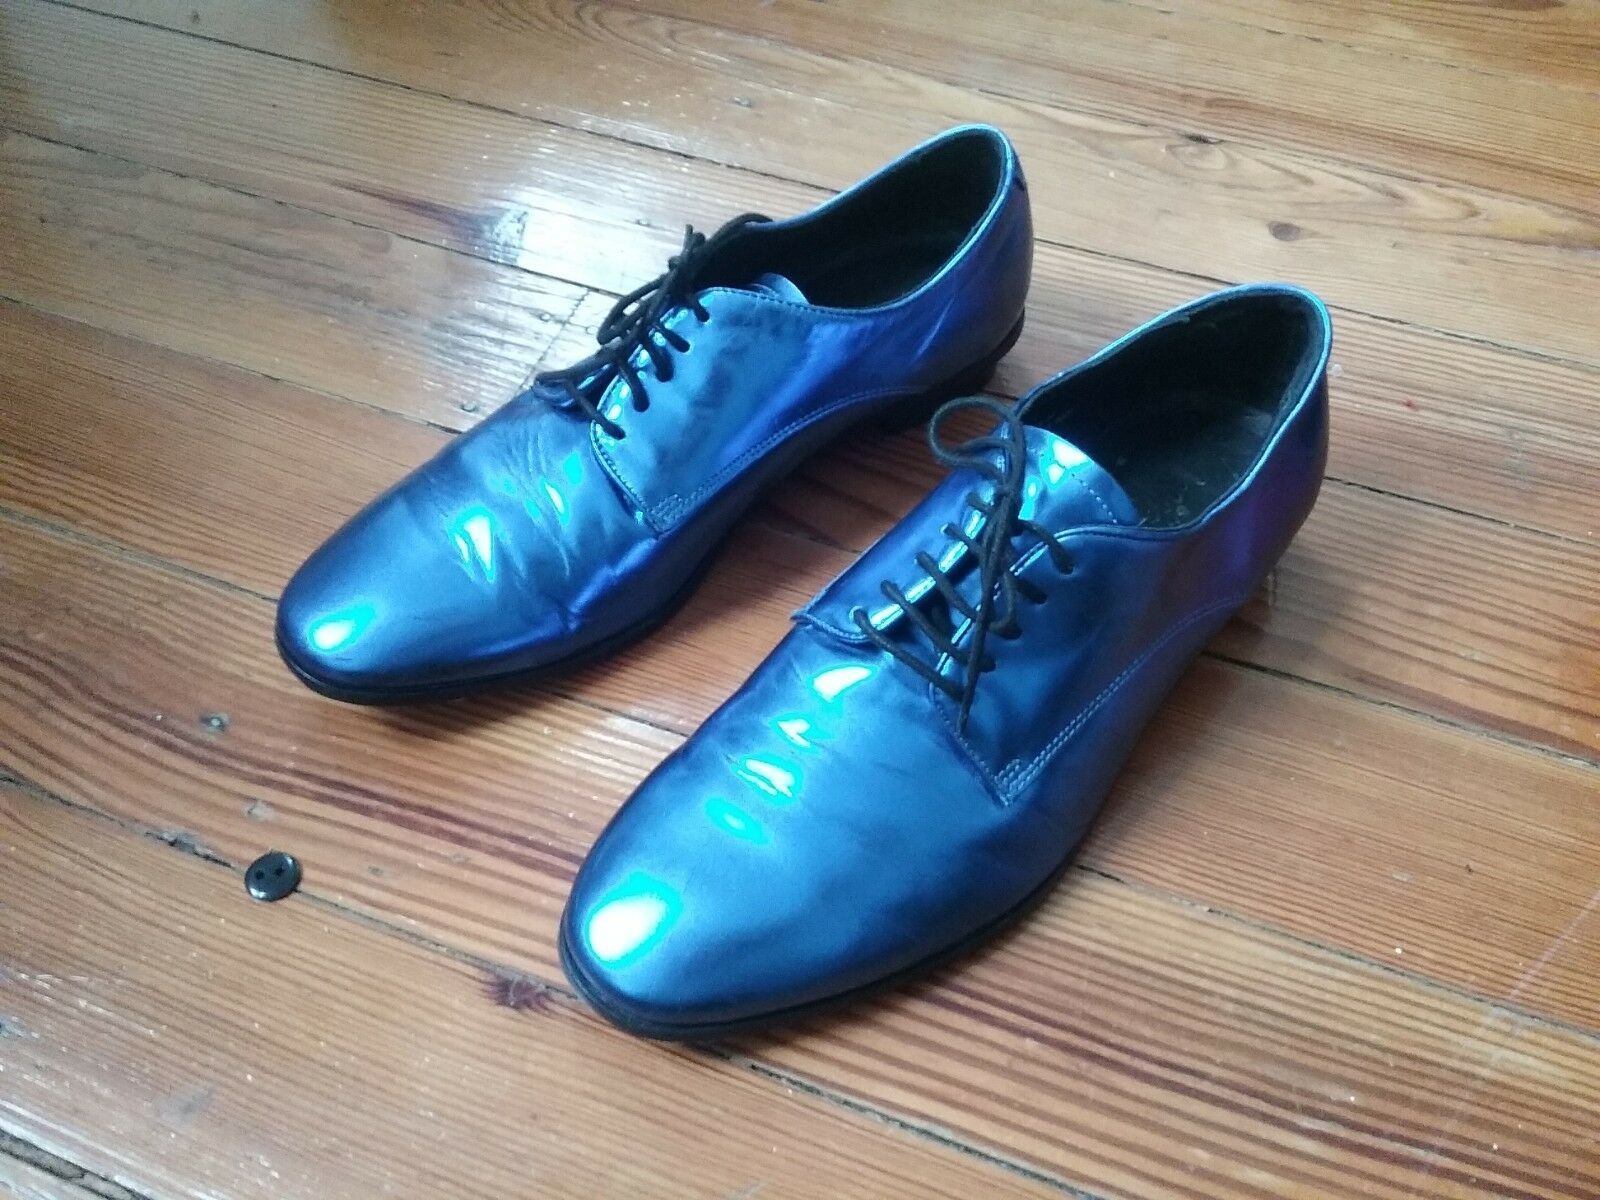 Lanvin x H&M metallic bluee shoes  sz 8. Must Have Rare